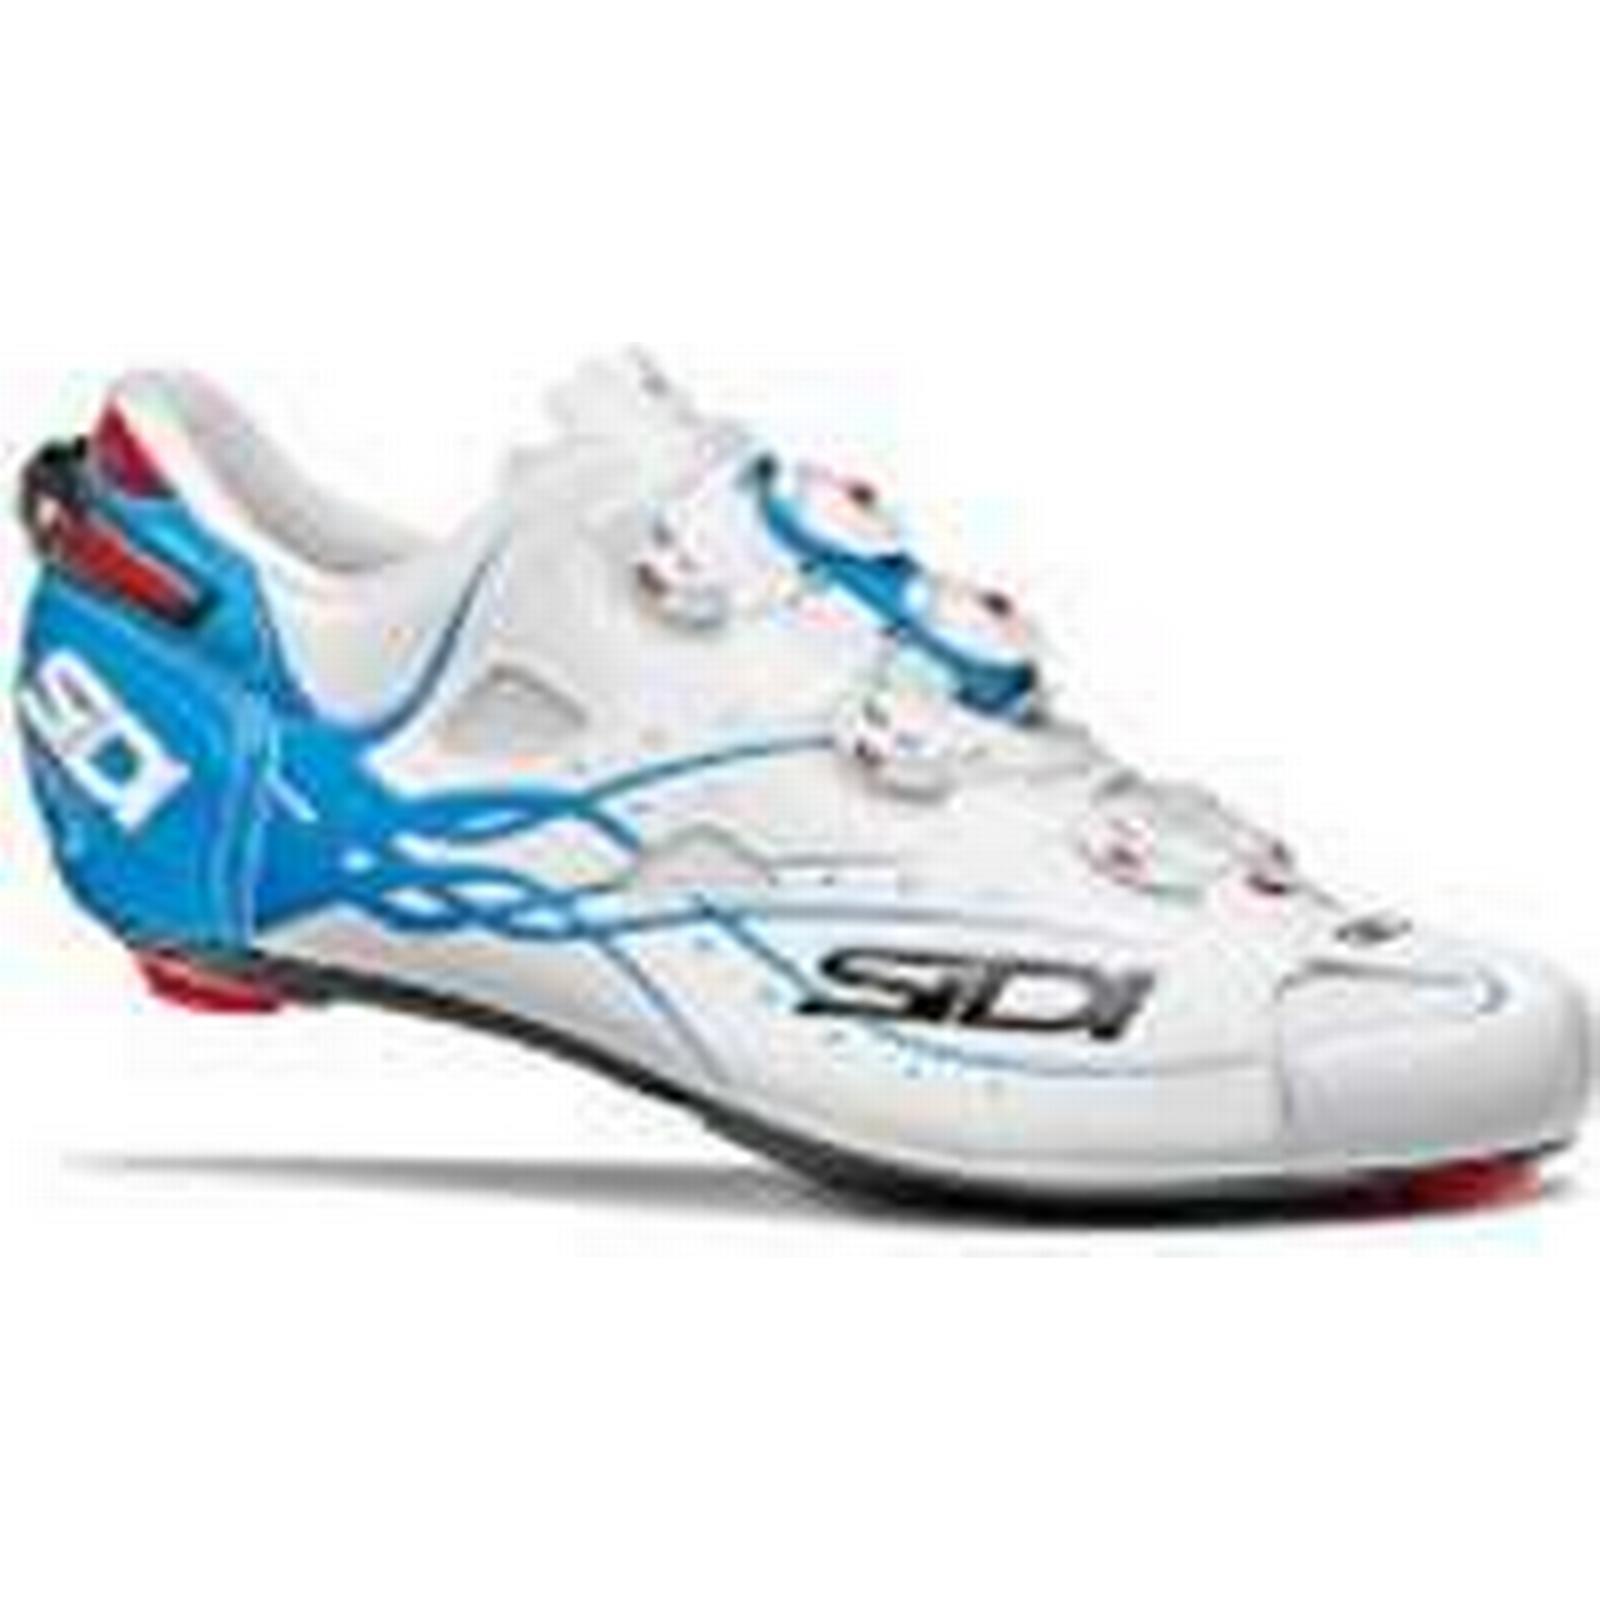 Sidi Shot Matt Road Blue Shoes - Matt White/Light Blue Road - EU 43.5 - Matt White/Light Blue 2c9f49